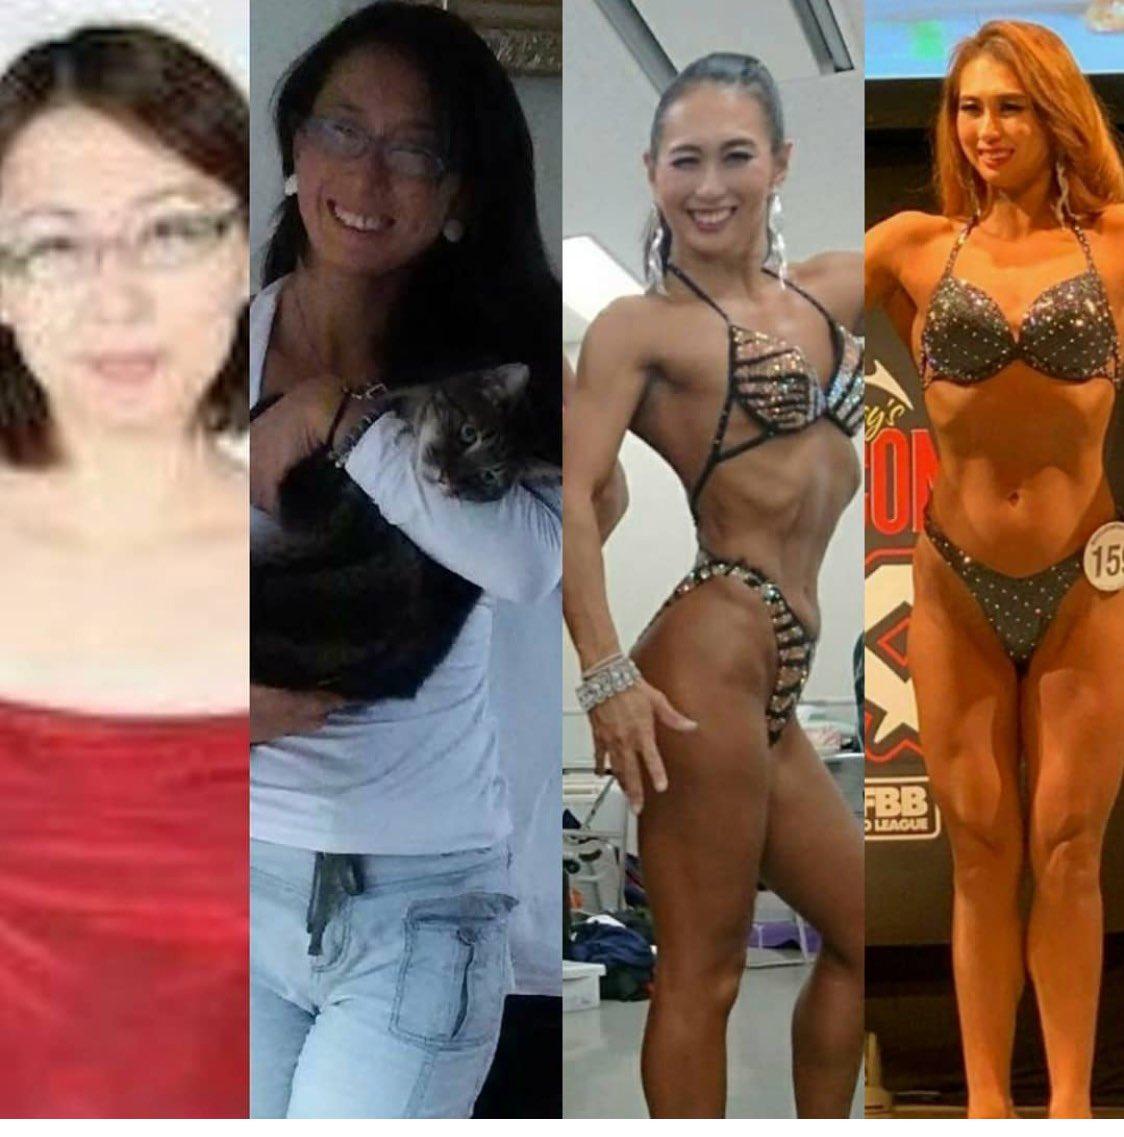 #同一人物とは思えない画像を貼れ  トレーニング前、トレ一年目、トレ三年目、トレ四年目✨ビフォワーアフターです😸✨